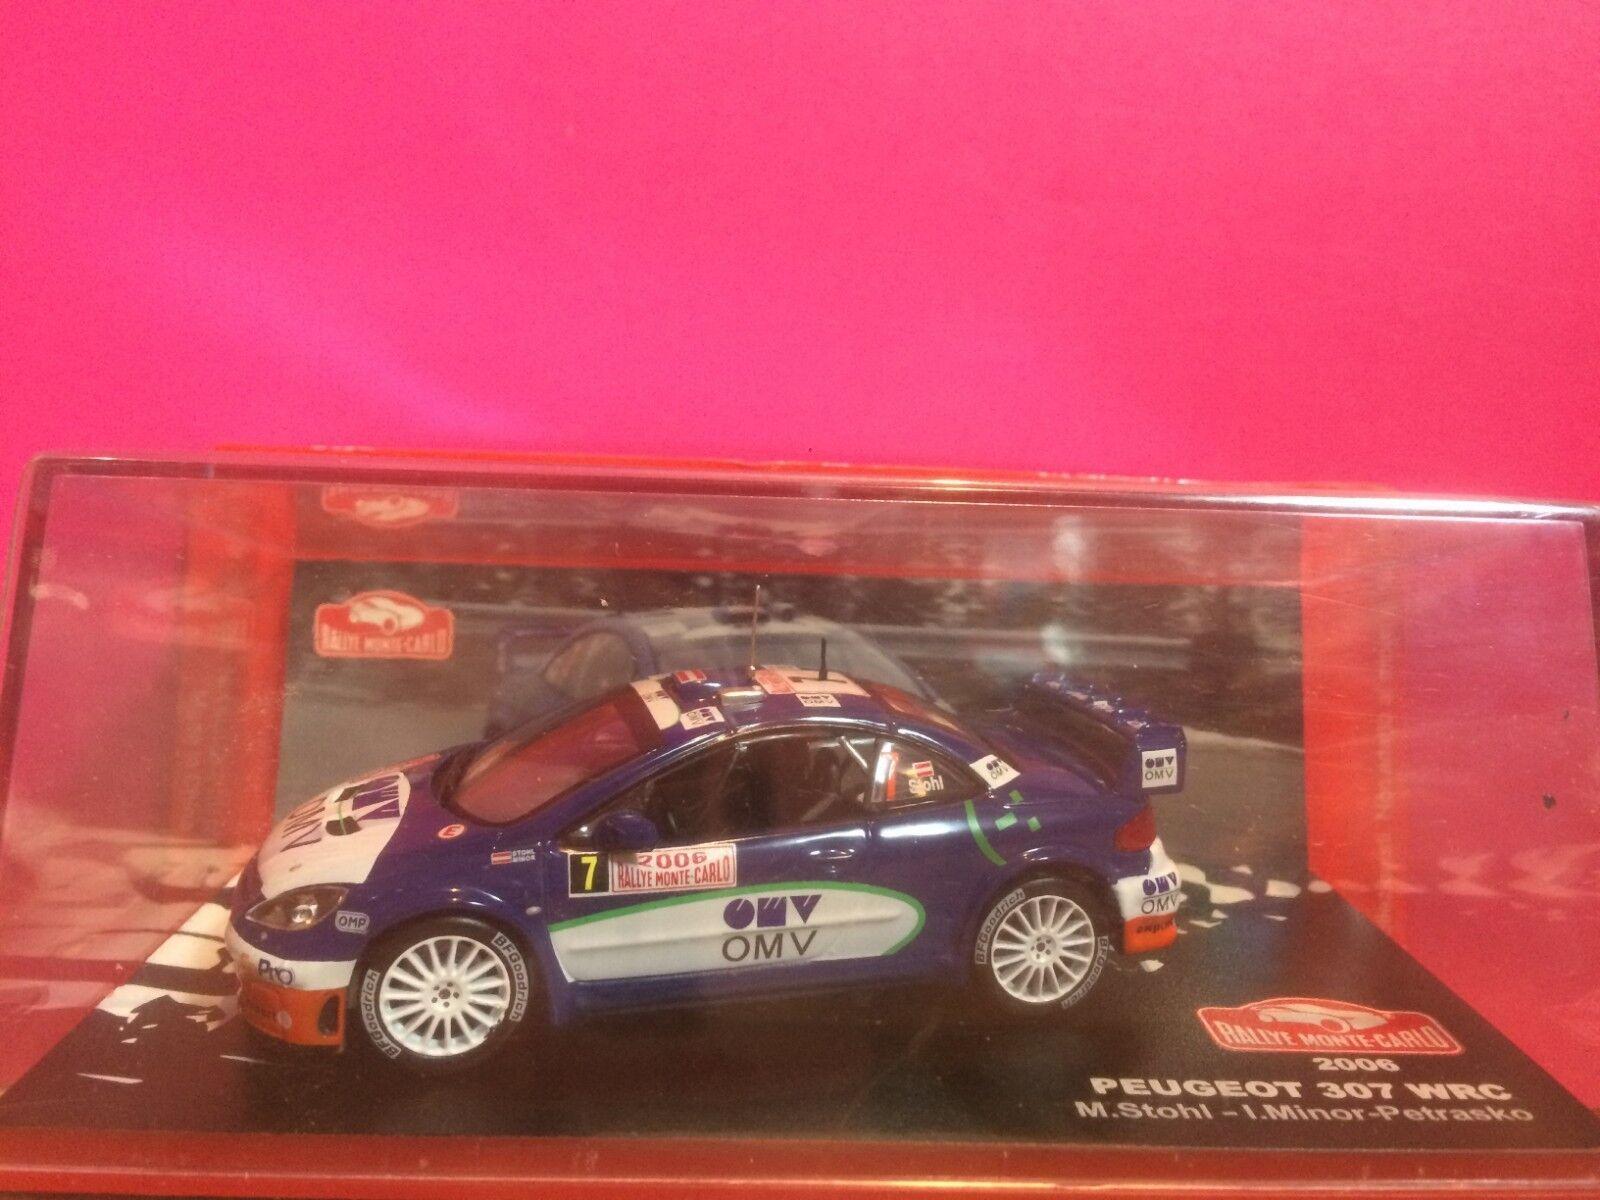 SUPERBE PEUGEOT 307 WRC RALLYE MONTECARLO 2006 NEUF BOITE SOUS BLISTER 1 43 G1